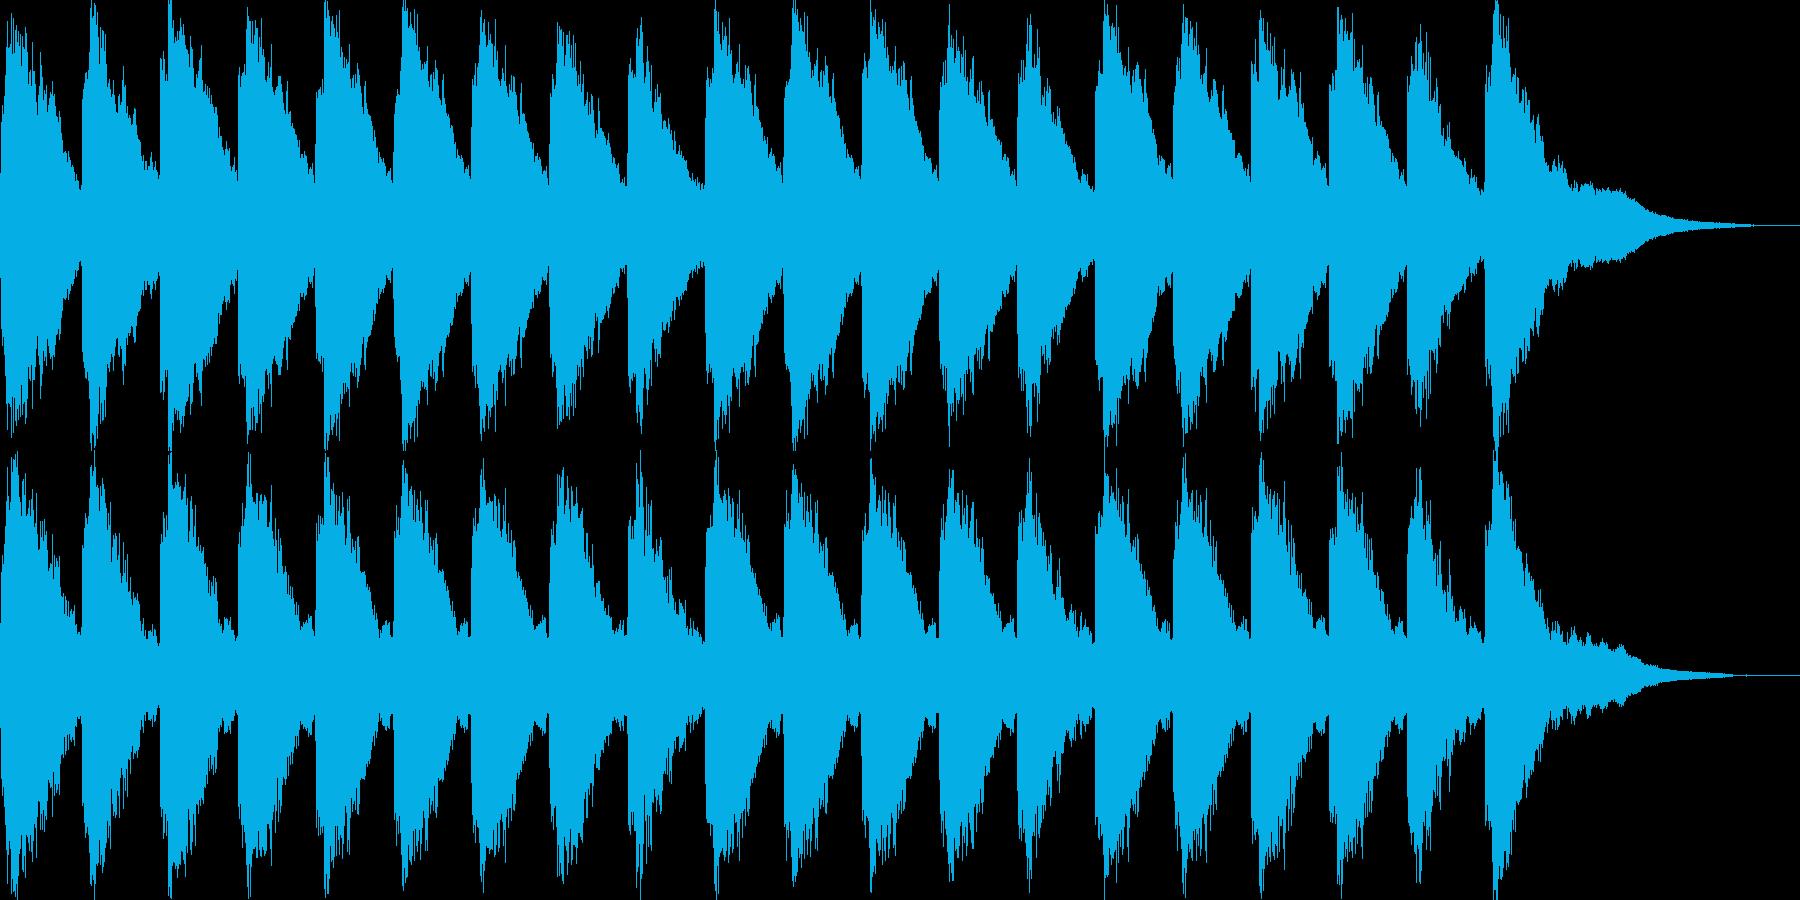 ガラーン・ガラーン…(大聖堂・教会の鐘)の再生済みの波形